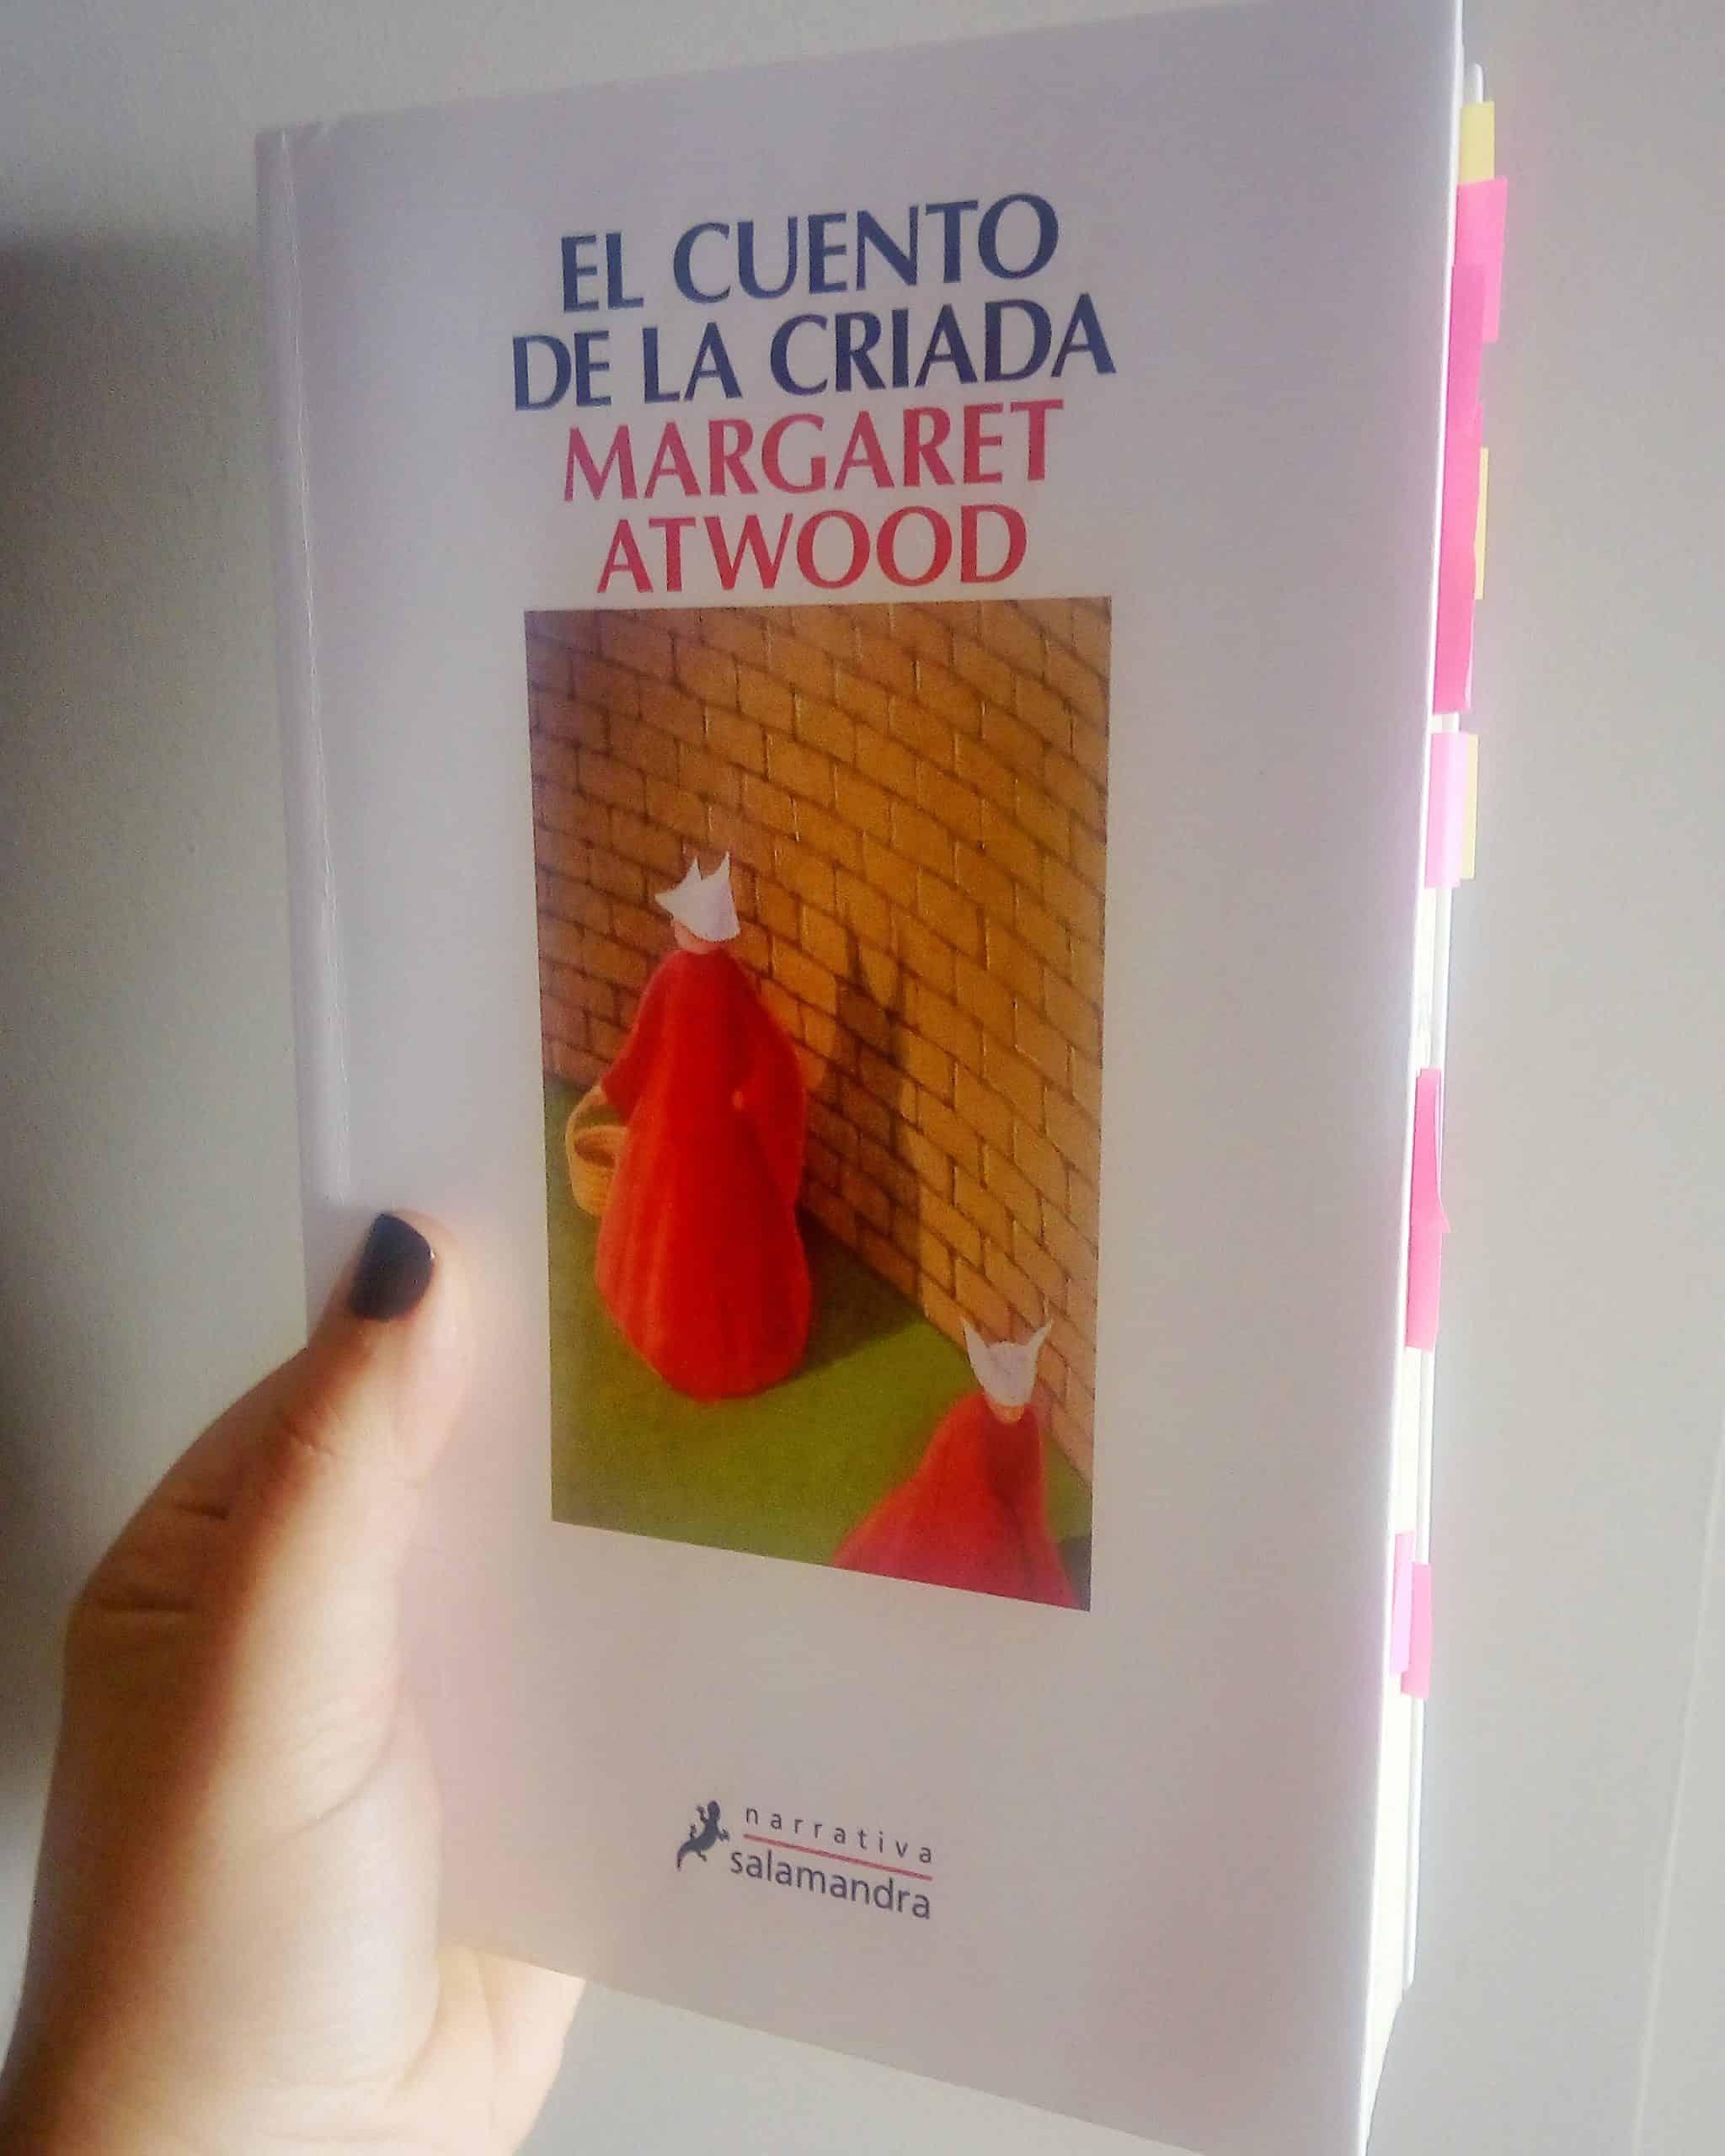 EL CUENTO DE LA CRIADA, de Margaret Atwood.